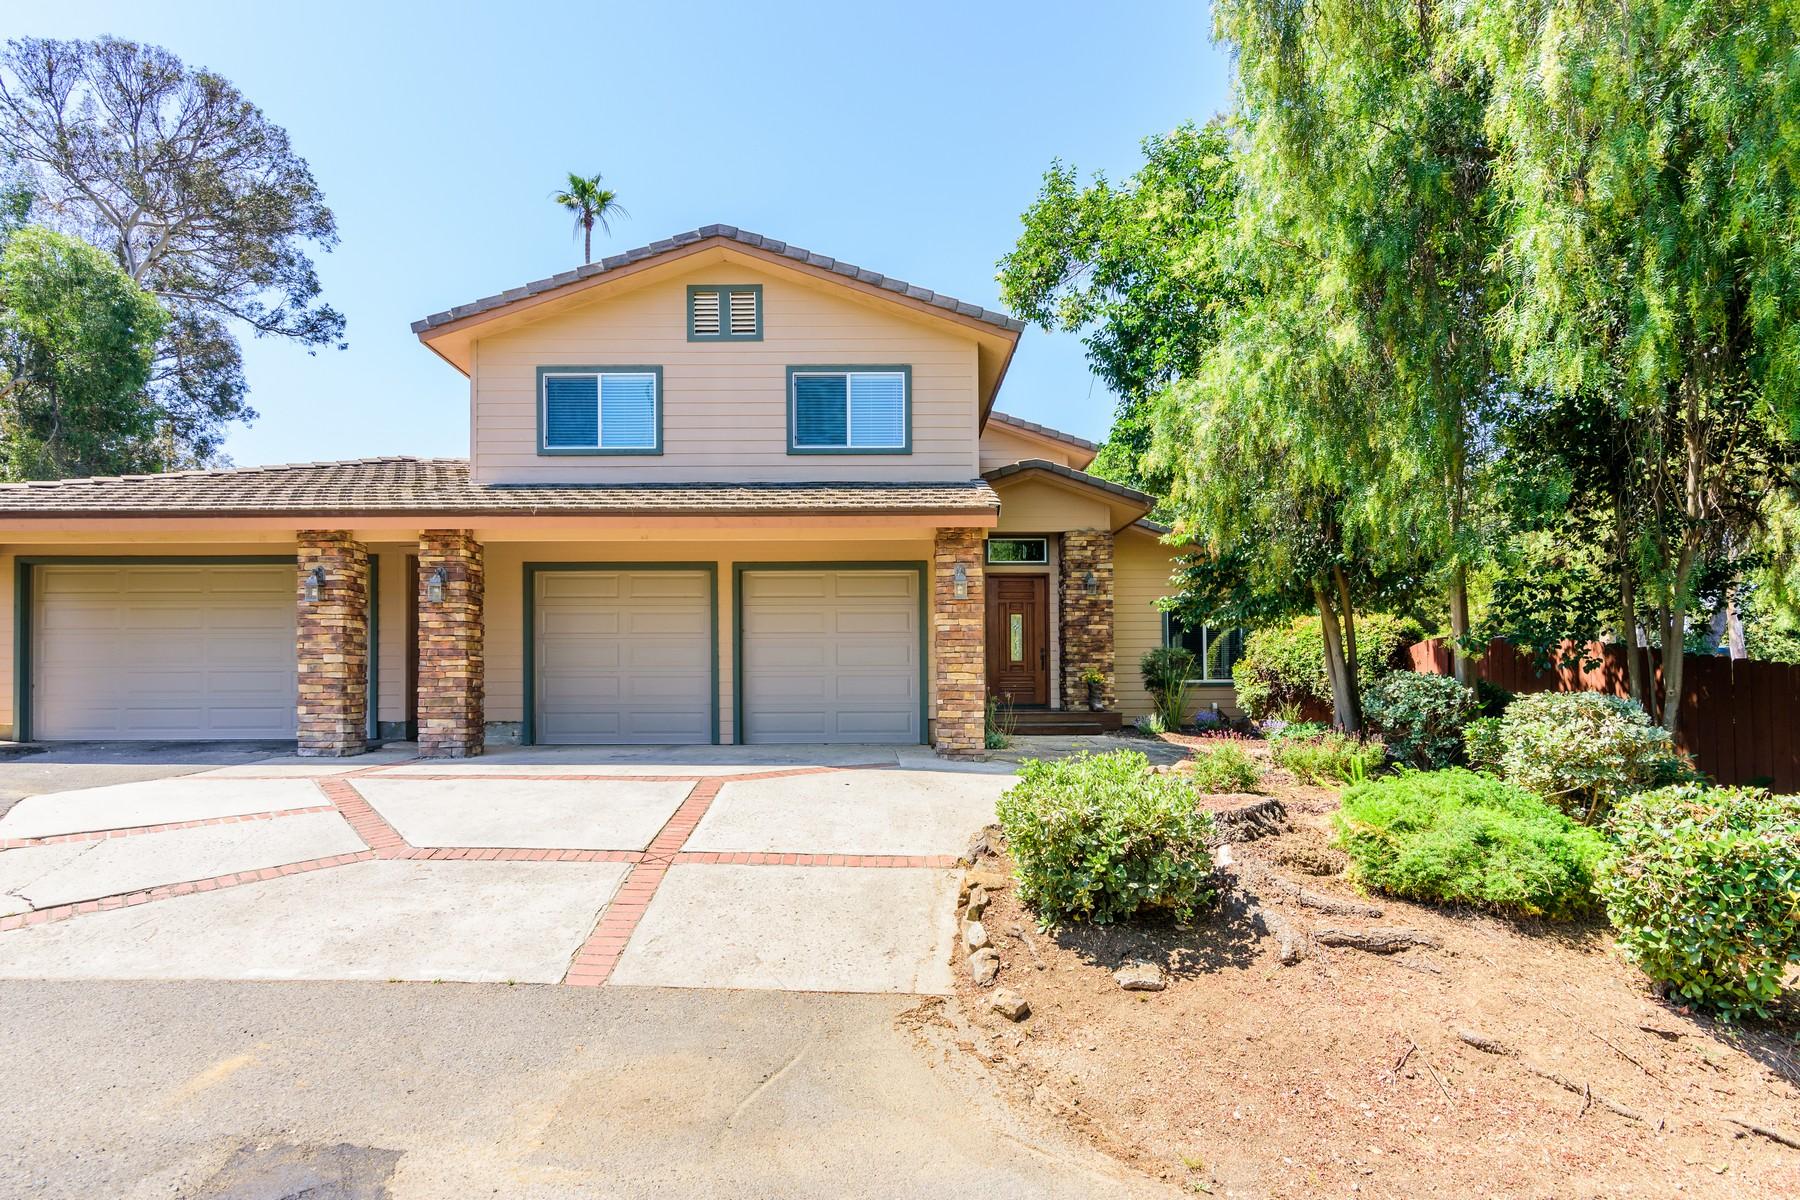 独户住宅 为 销售 在 1433 Country Club Lane 1433 Country Club Drive 埃斯孔迪多, 加利福尼亚州, 92029 美国